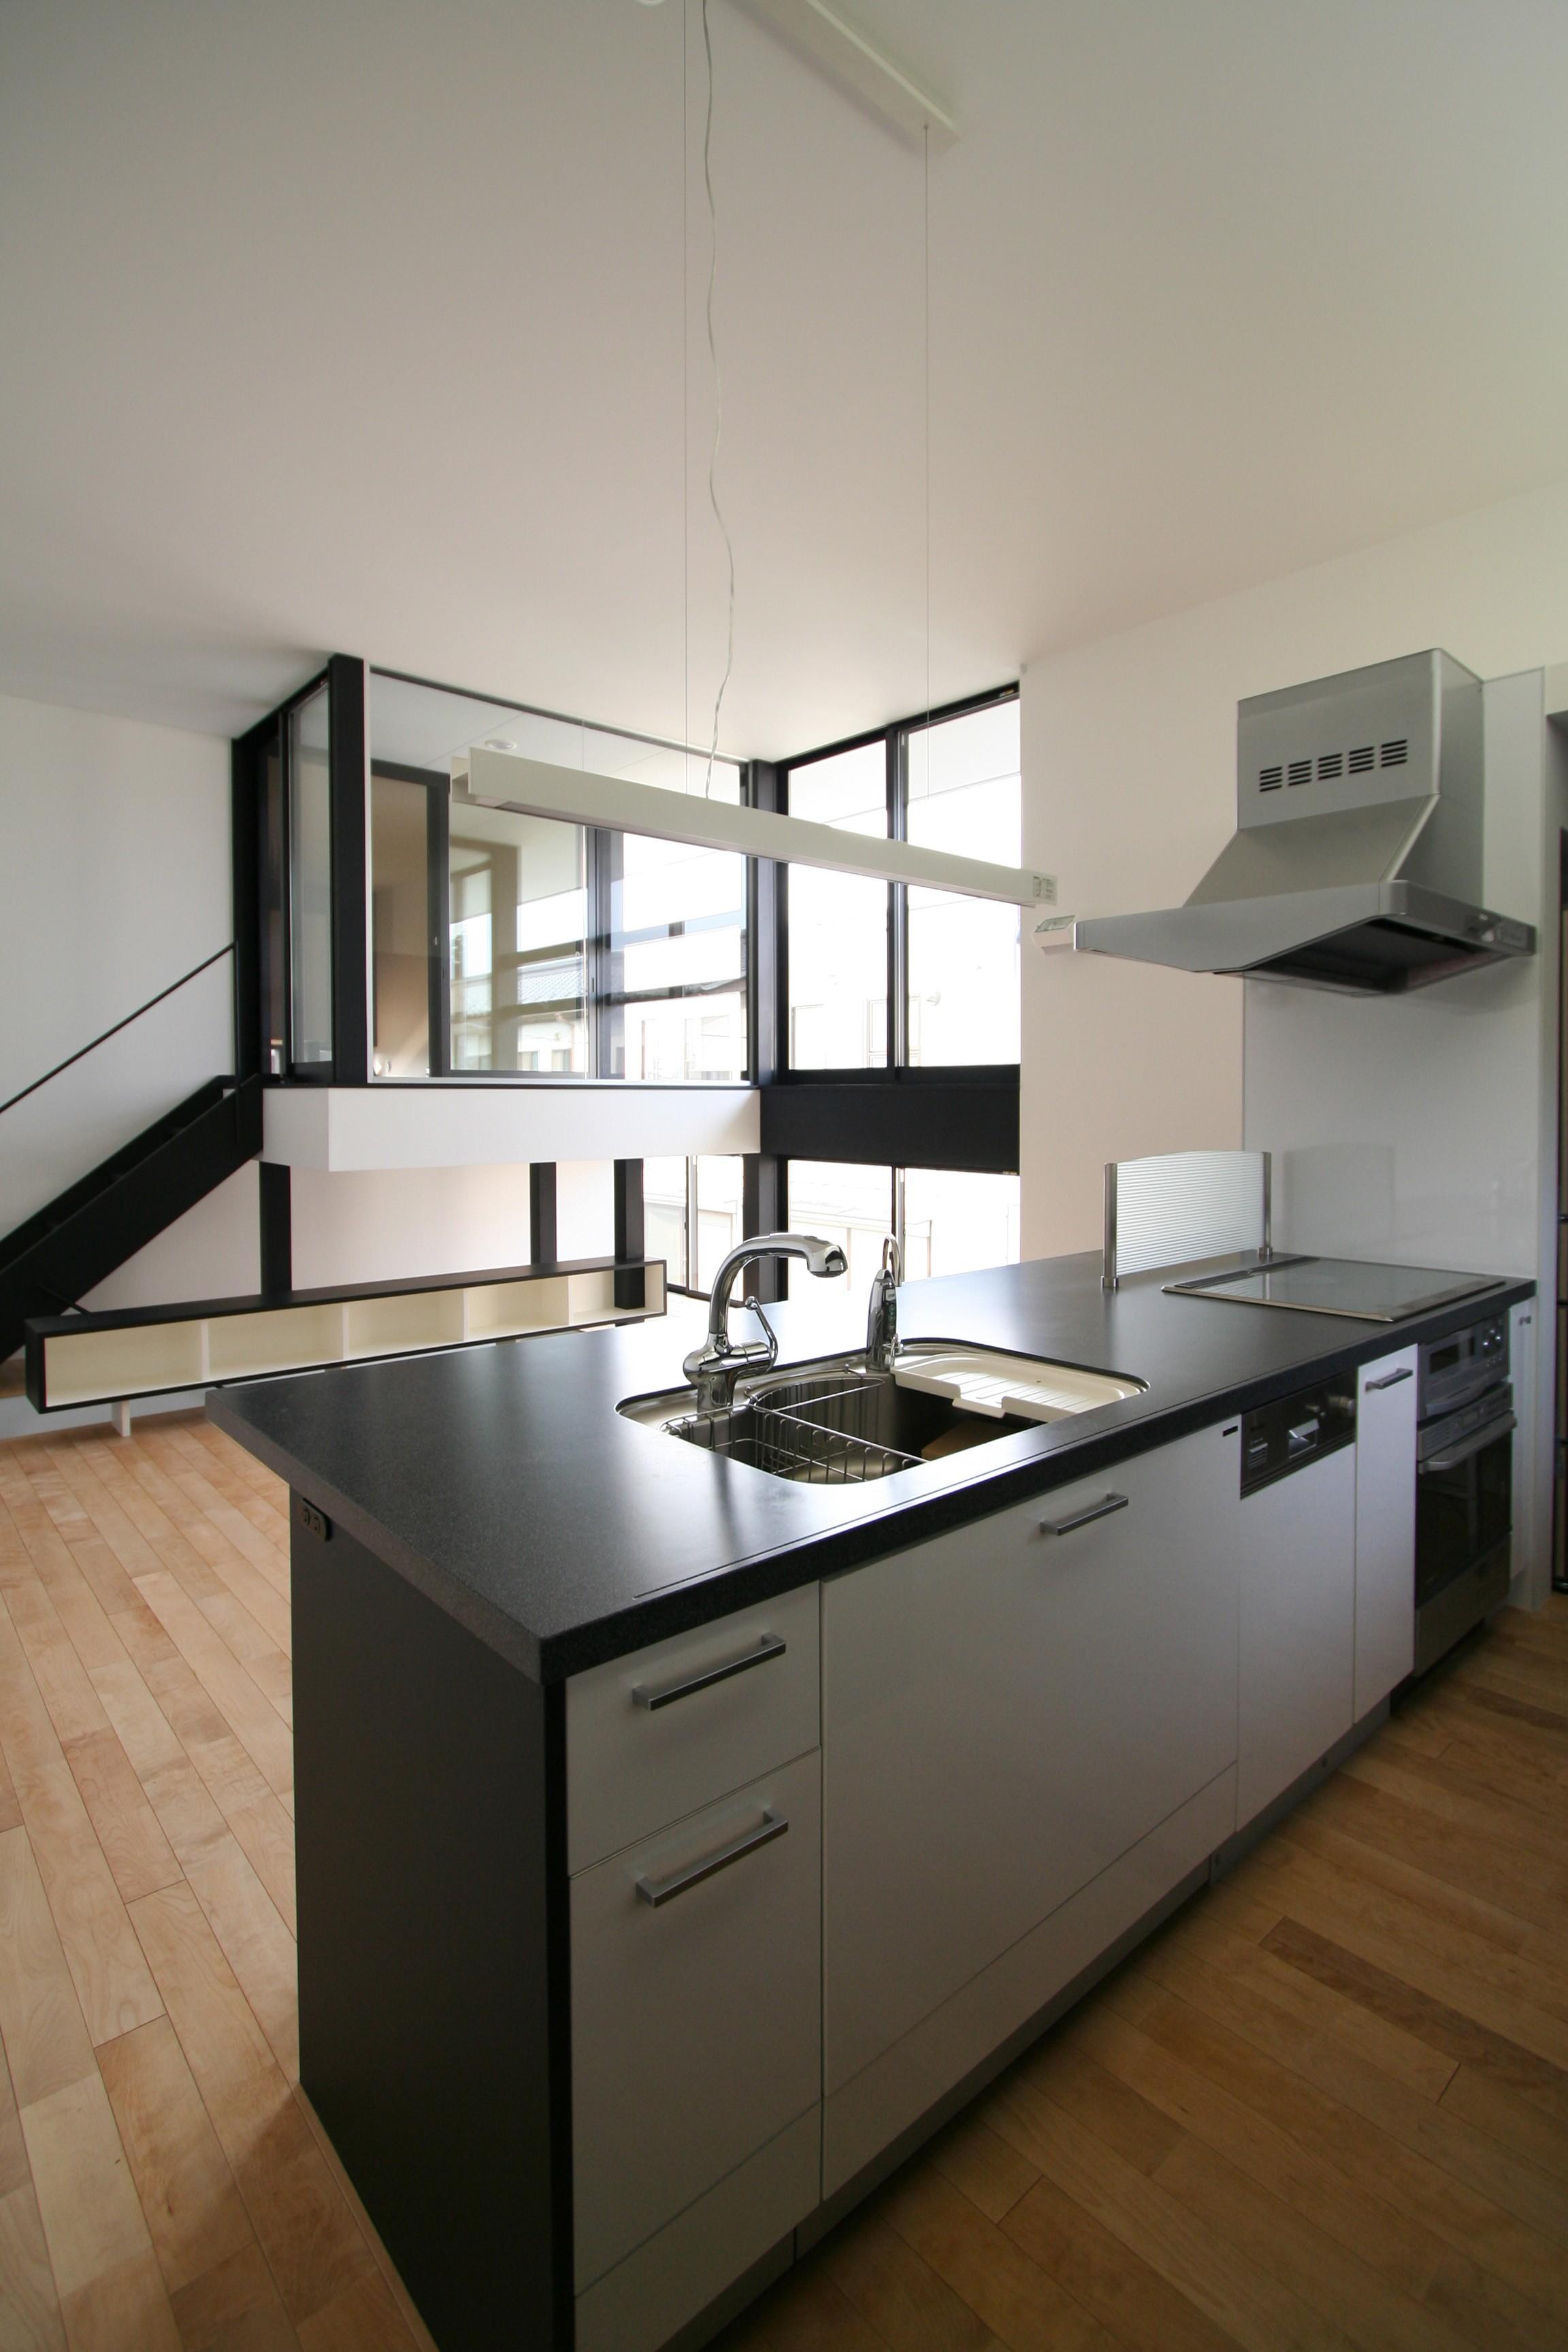 リビングダイニング事例:キッチンからリビングを見る(ミニマルデザインのハコ型の家)